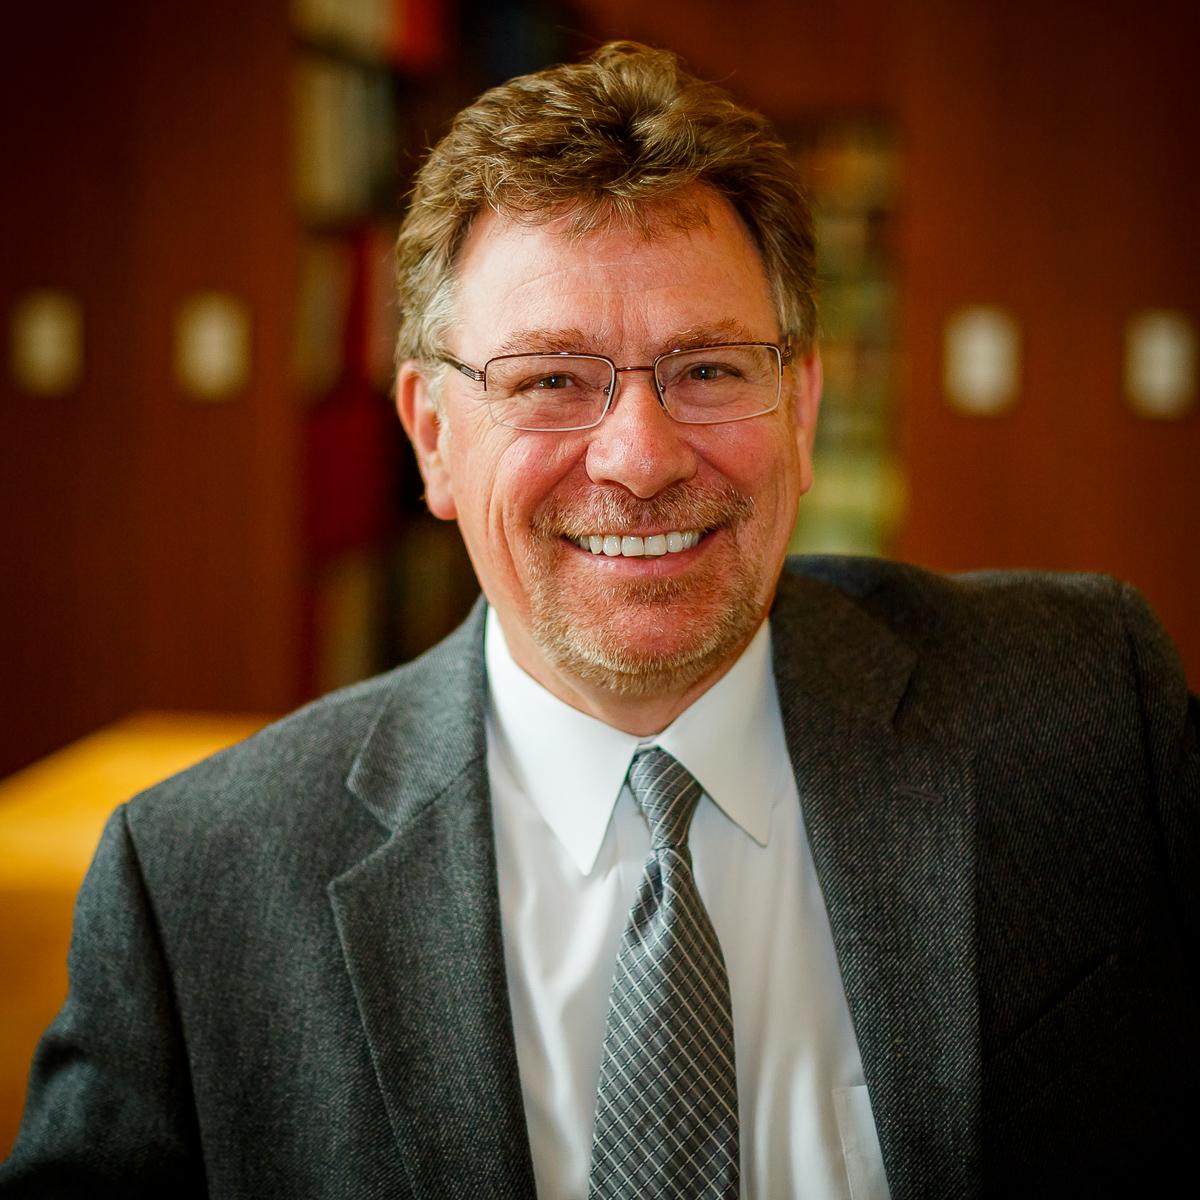 Dr. Patrick Parsons